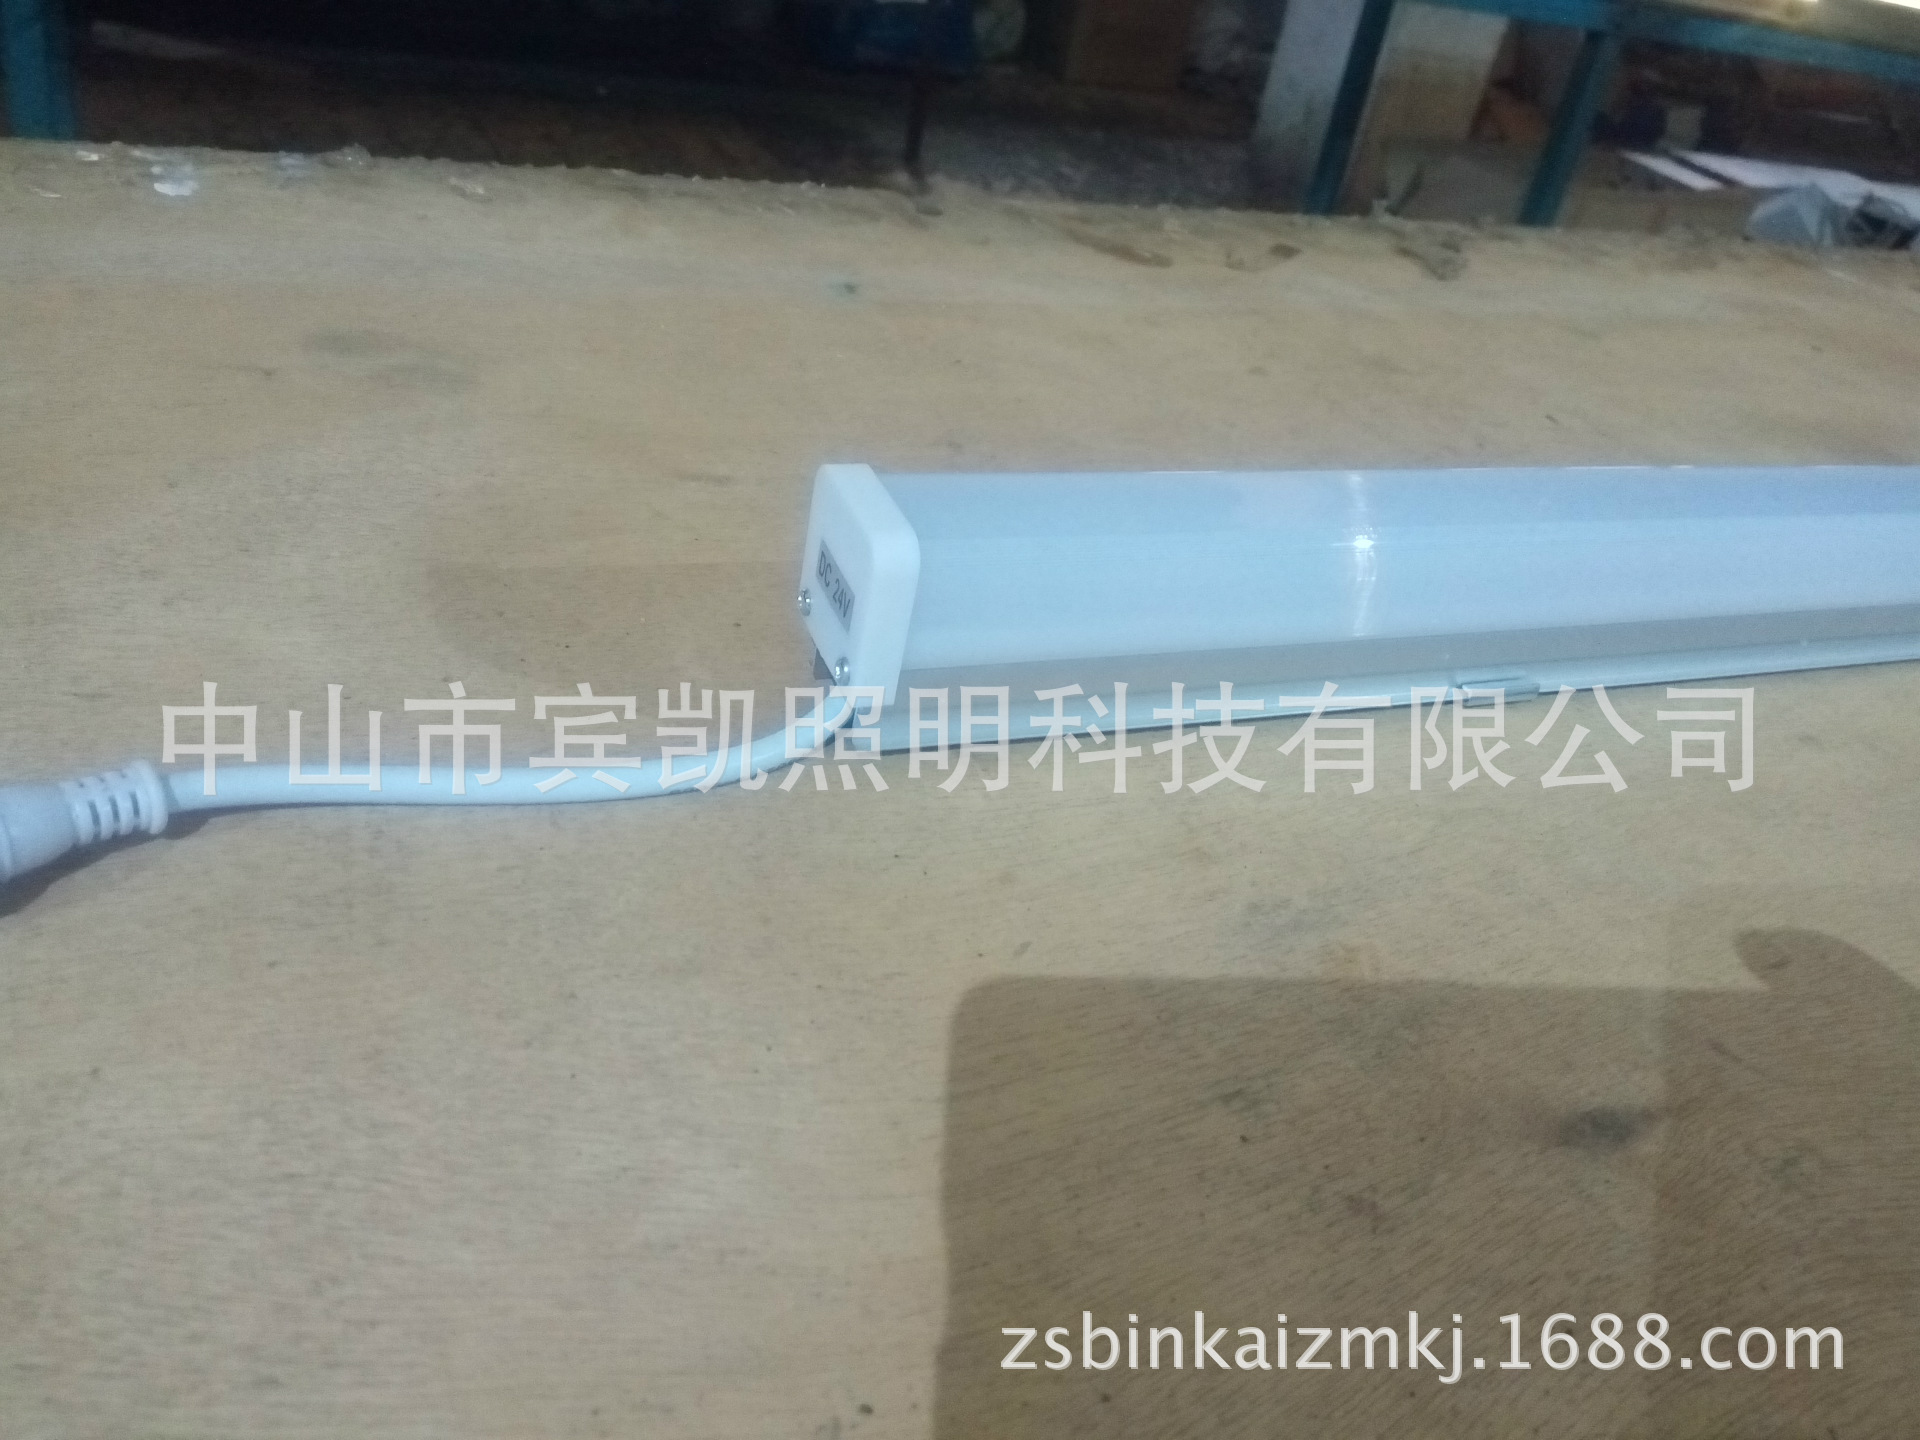 铝材LED护栏管 护栏管 led轮廓灯铝壳灌胶LED护栏管方型护栏管示例图5